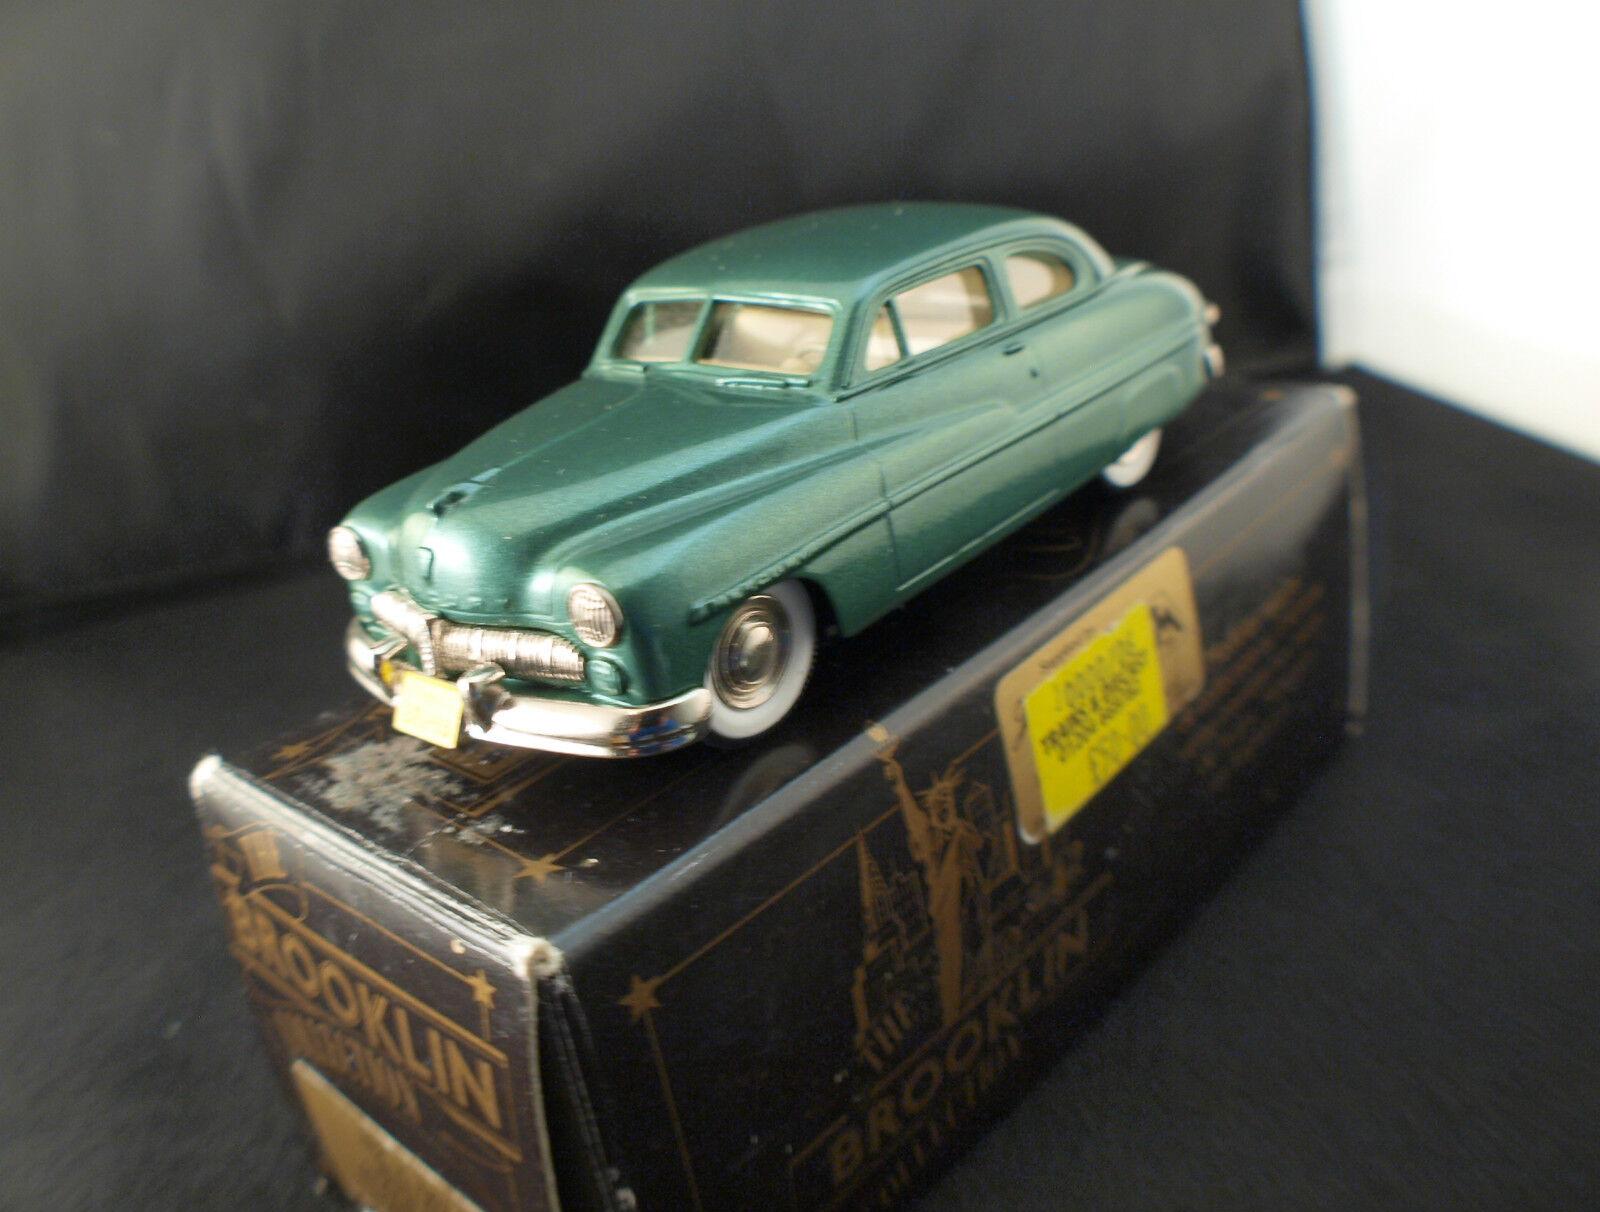 Brooklin Brk 15 Ford Mercury 1949 2 Puerta Coupé Nuevo en Caja Raro